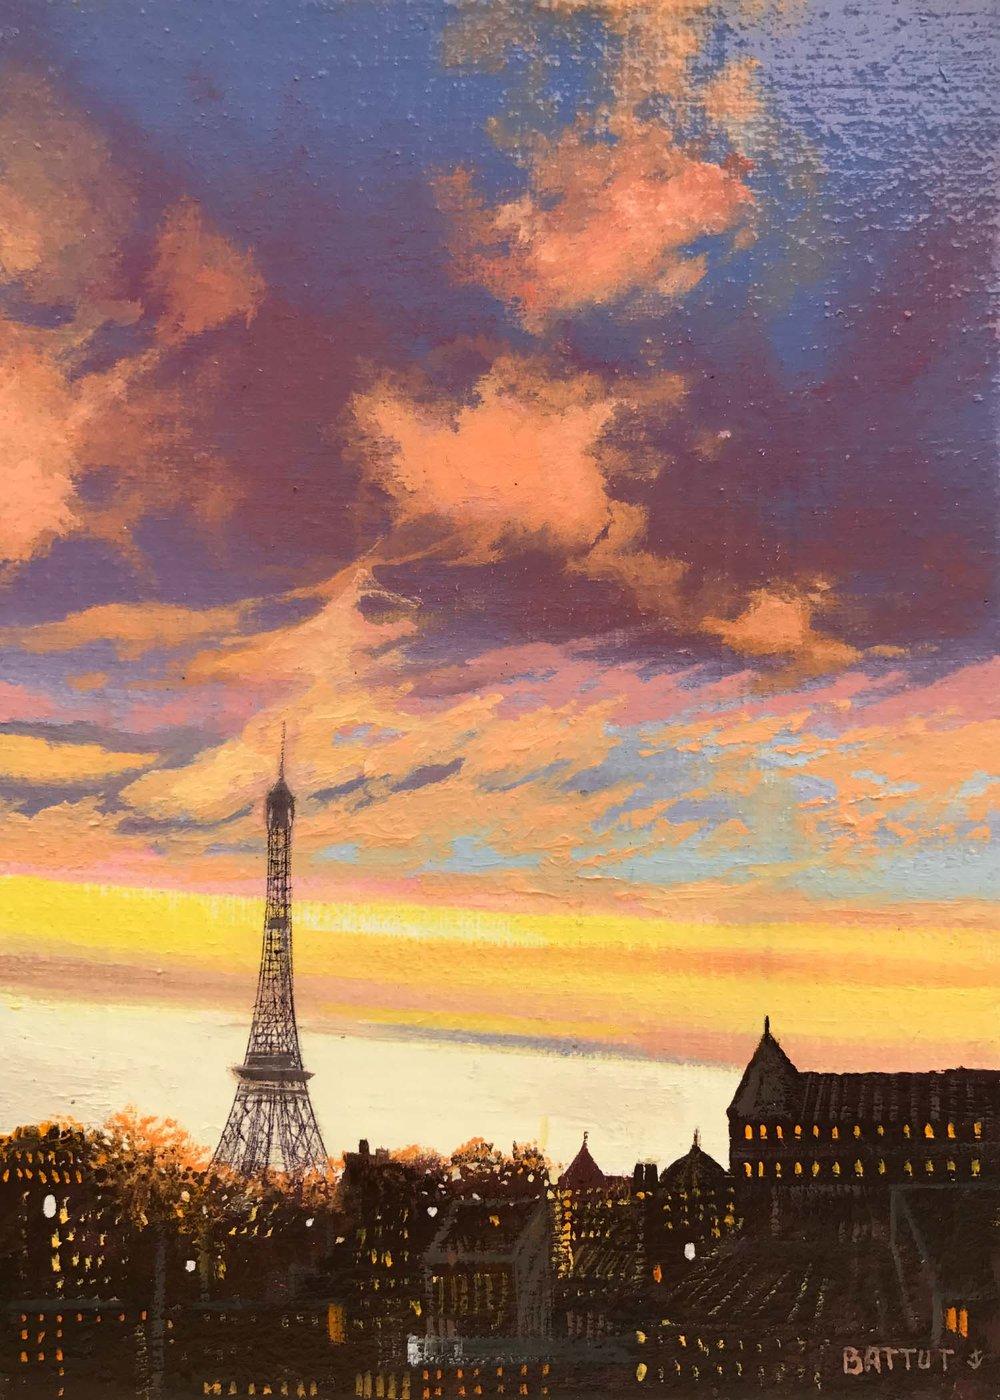 Battut #221-Paris tour Eiffel- 5 x 7-unframed.jpg